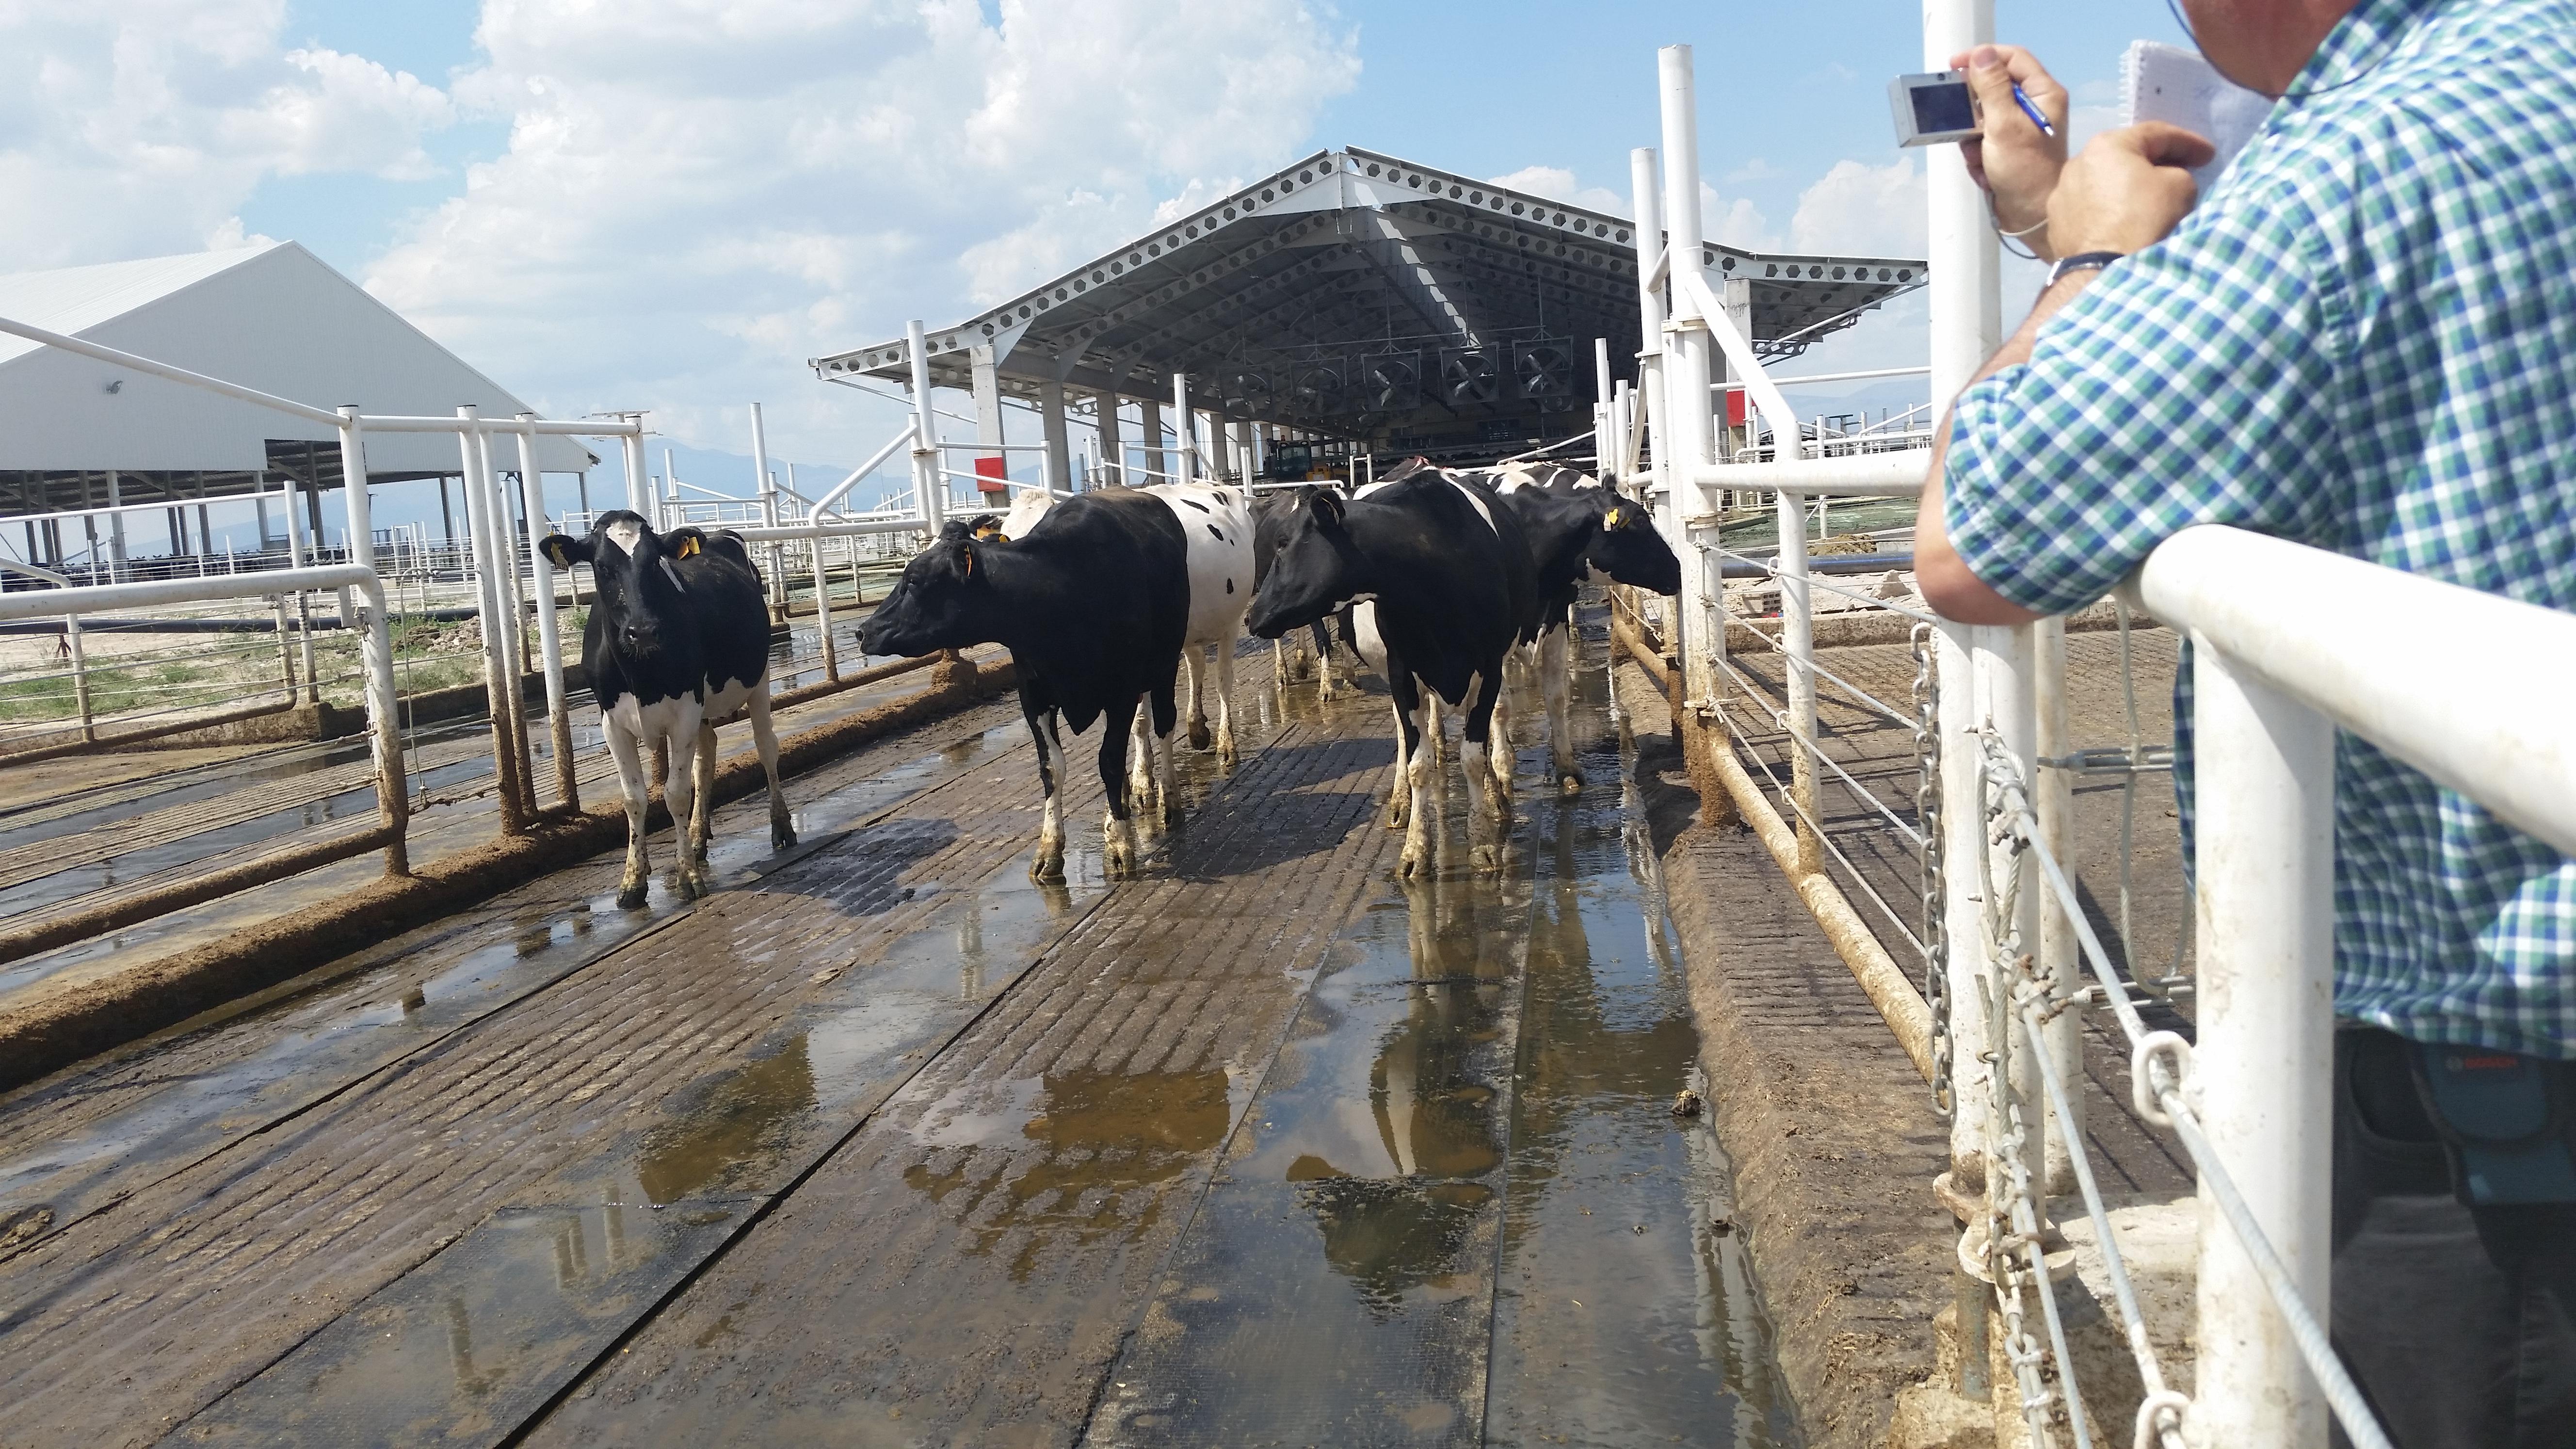 Dairy farm walkways, ineklerin yürüyüş yolları